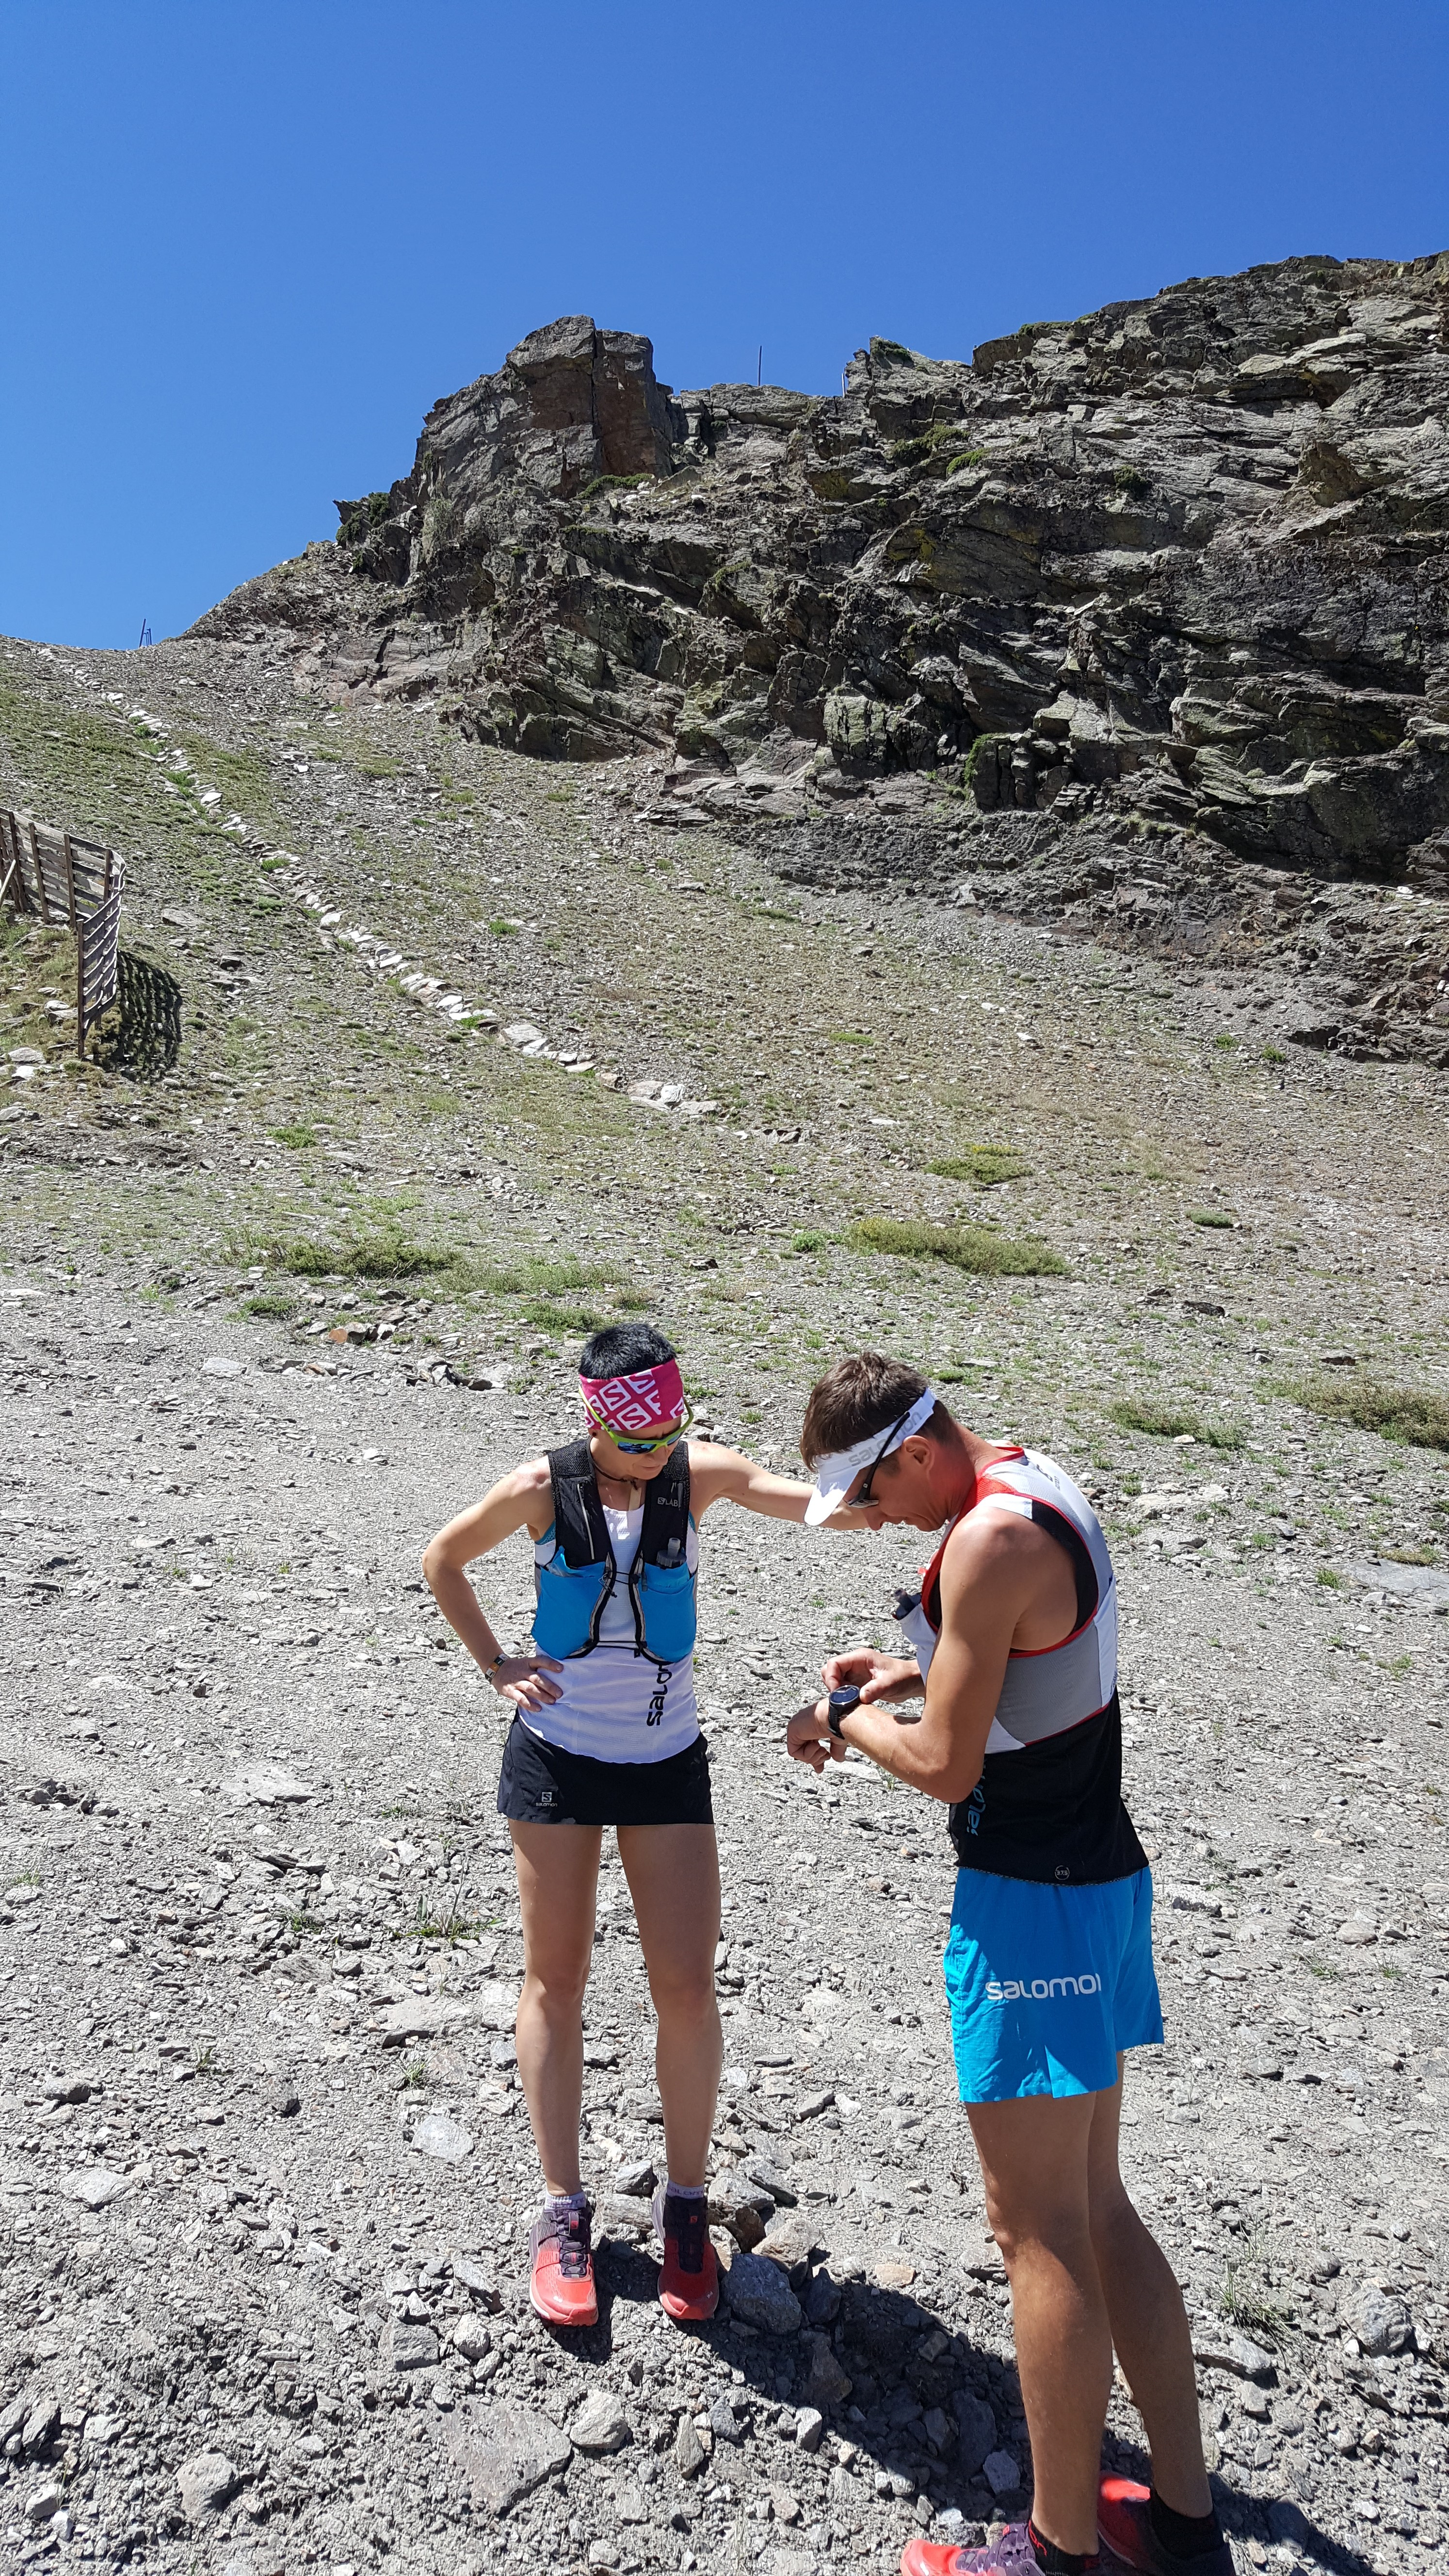 Magda i Paweł podczas treningu przedstartowego w Sierra Nevadzie (fot. Magda Łączak / Paweł Dybek / Runandtravel)